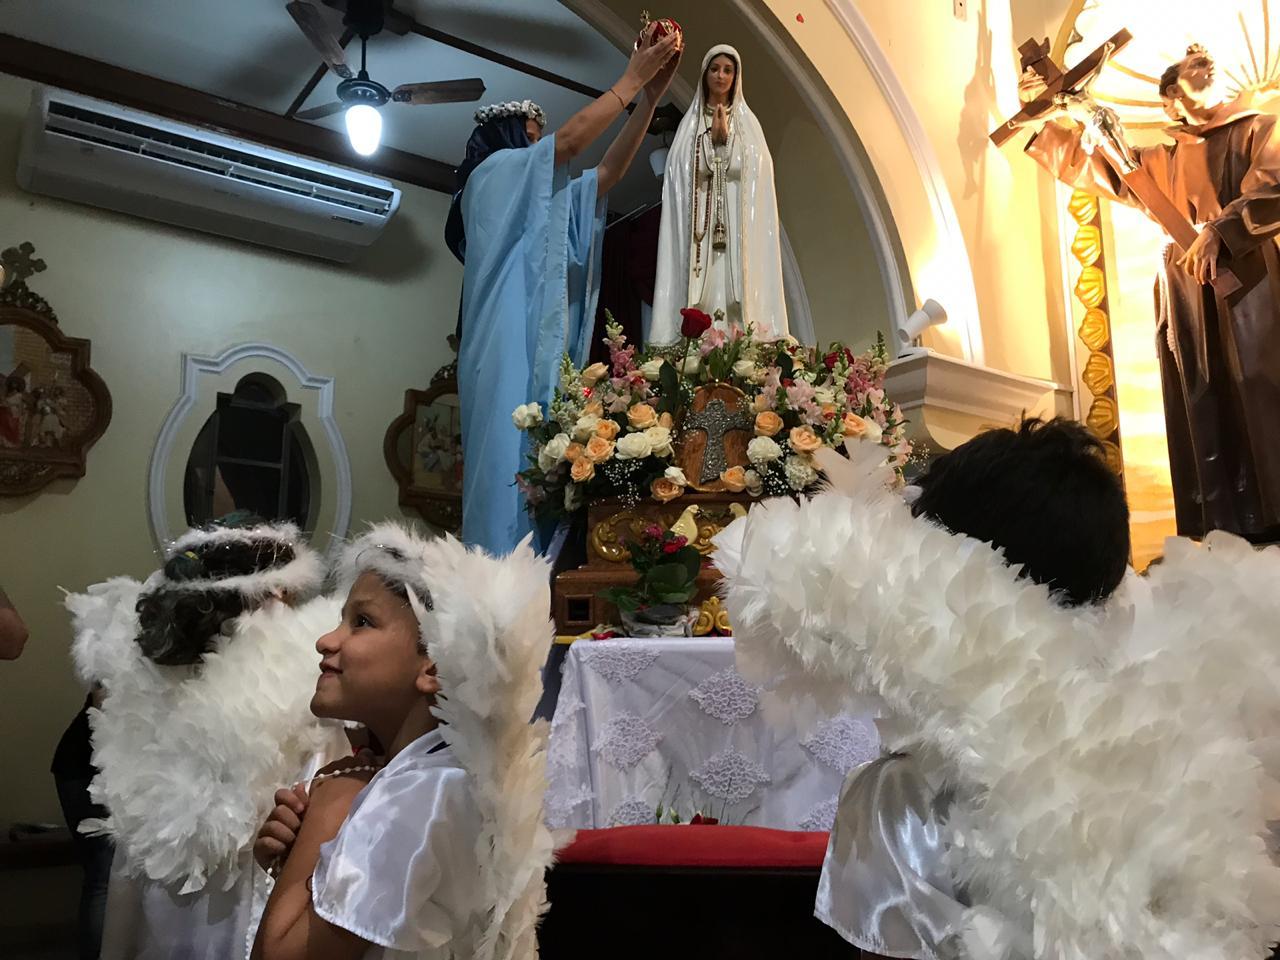 9d9689dd2d79 ... realizamos a coroação de Nossa Senhora nas missas durante todo o mês.  Veja alguns momentos em que a catequese ficou responsável pela coroação.